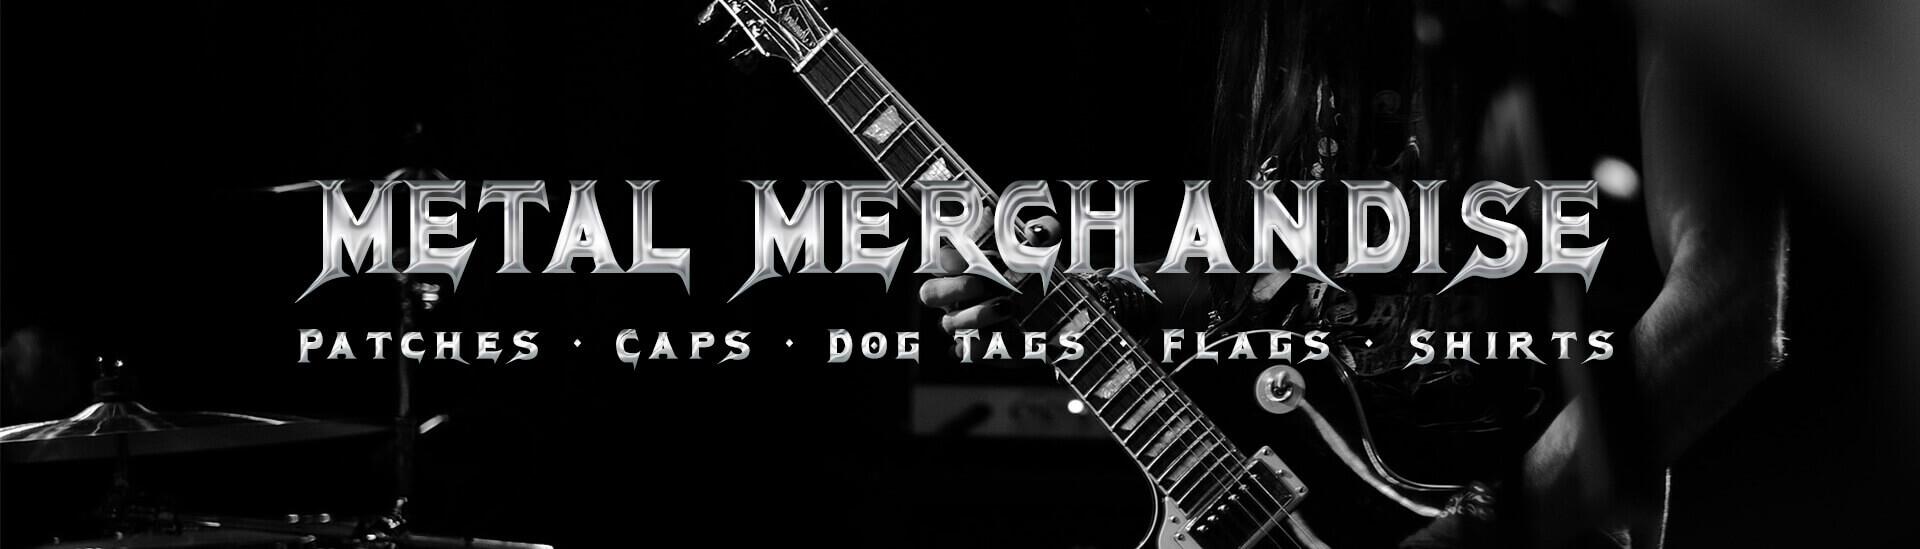 Metal Merchandise EN